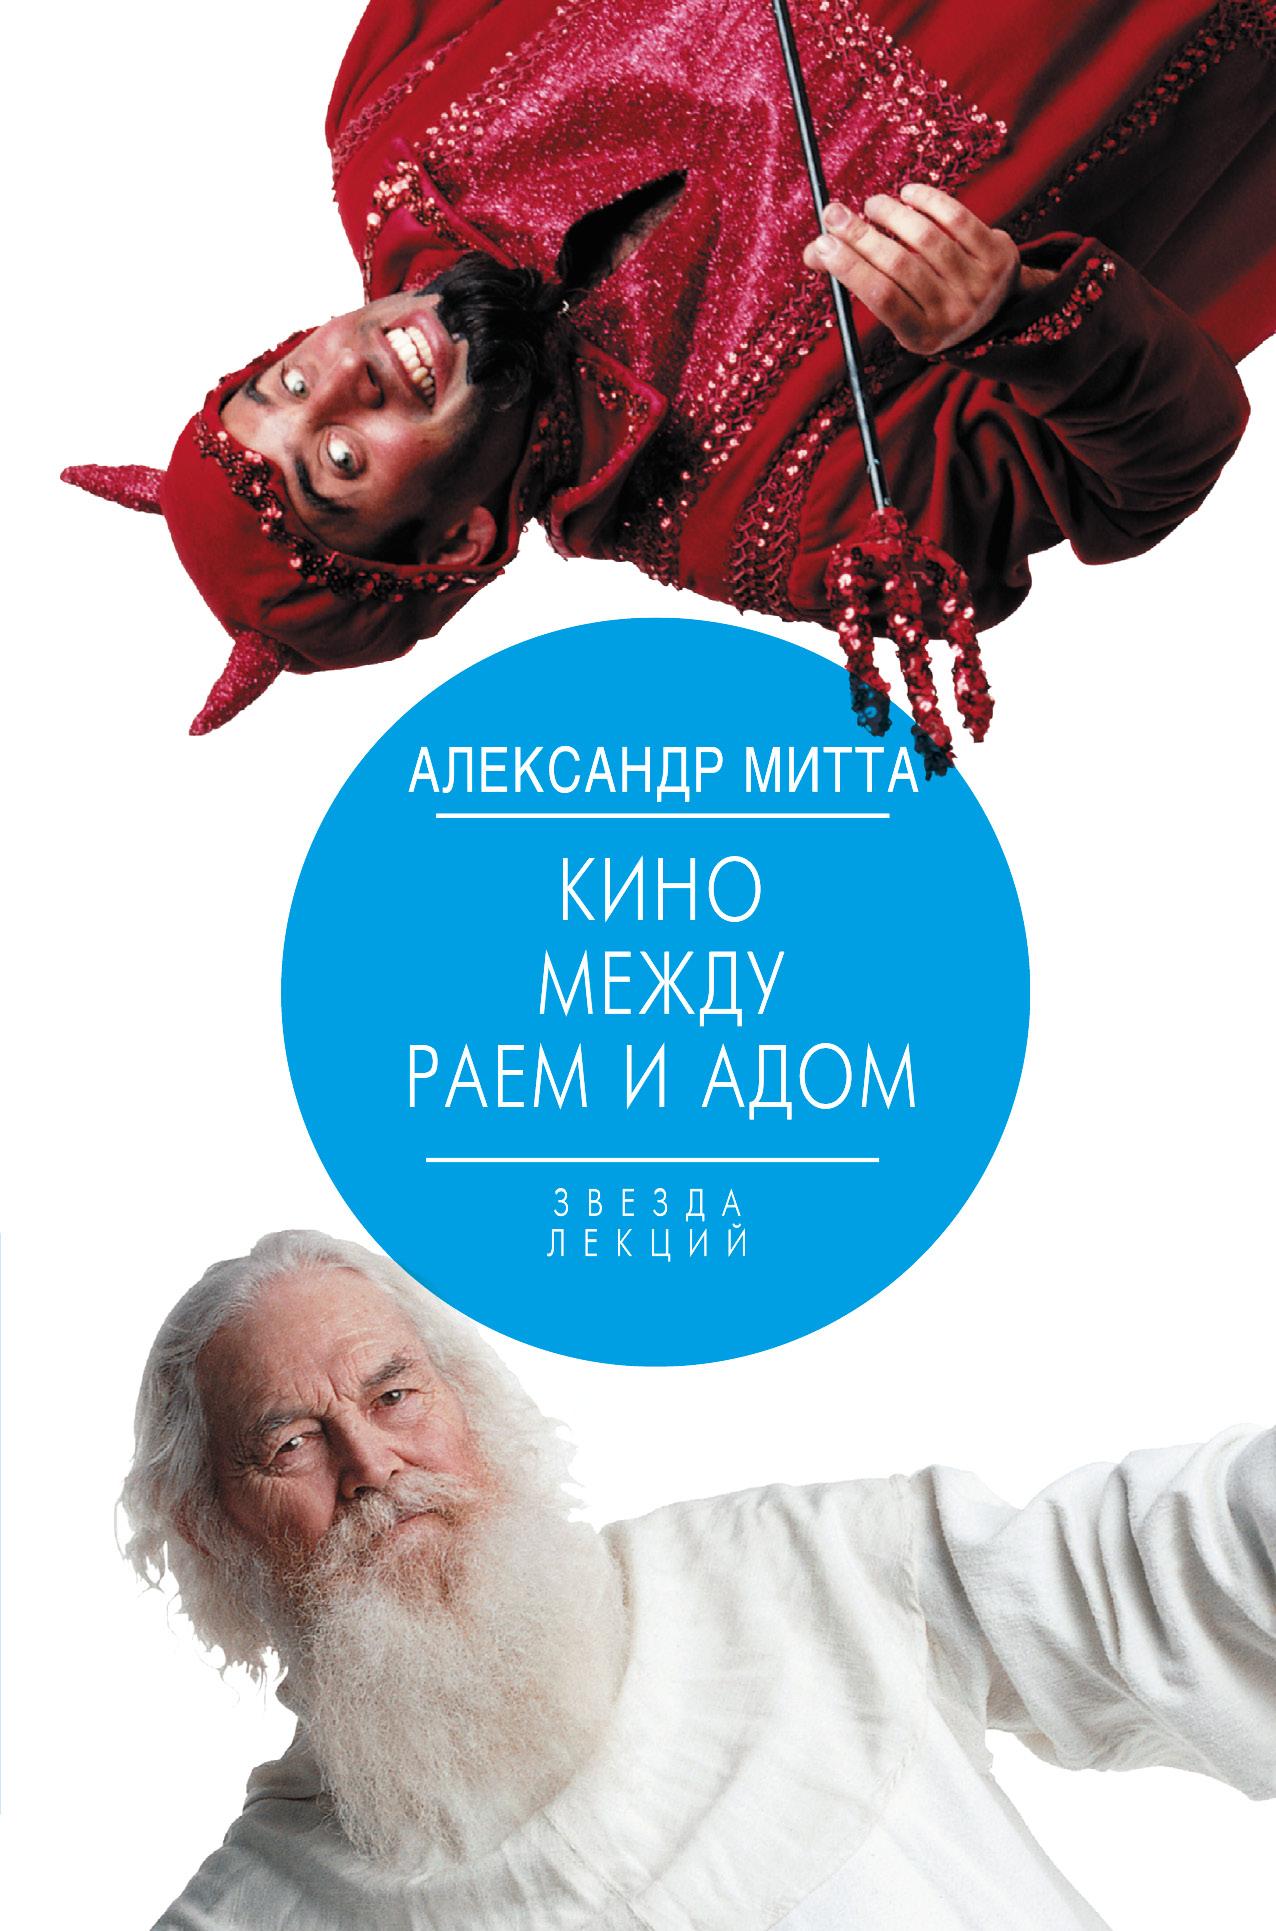 Митта А.Н. Кино между раем и адом а митта кино между адом и раем